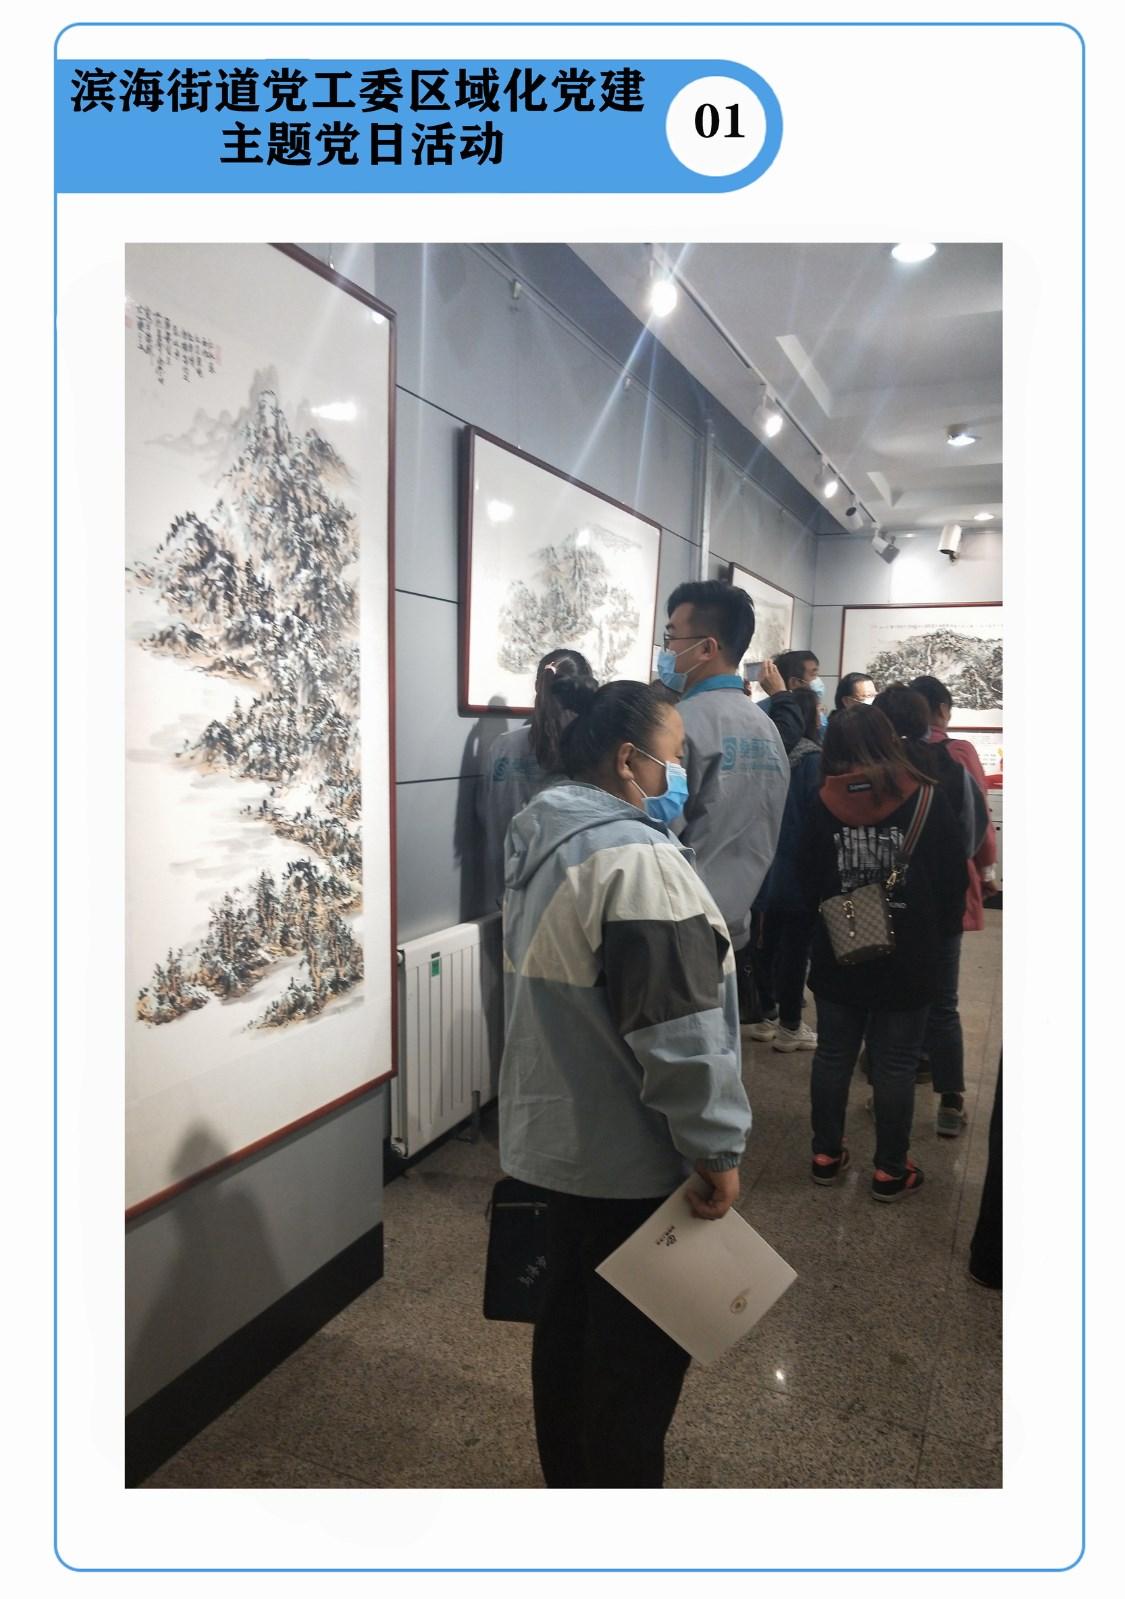 欢迎参观内蒙古乌海市乌达区图书馆_图1-6